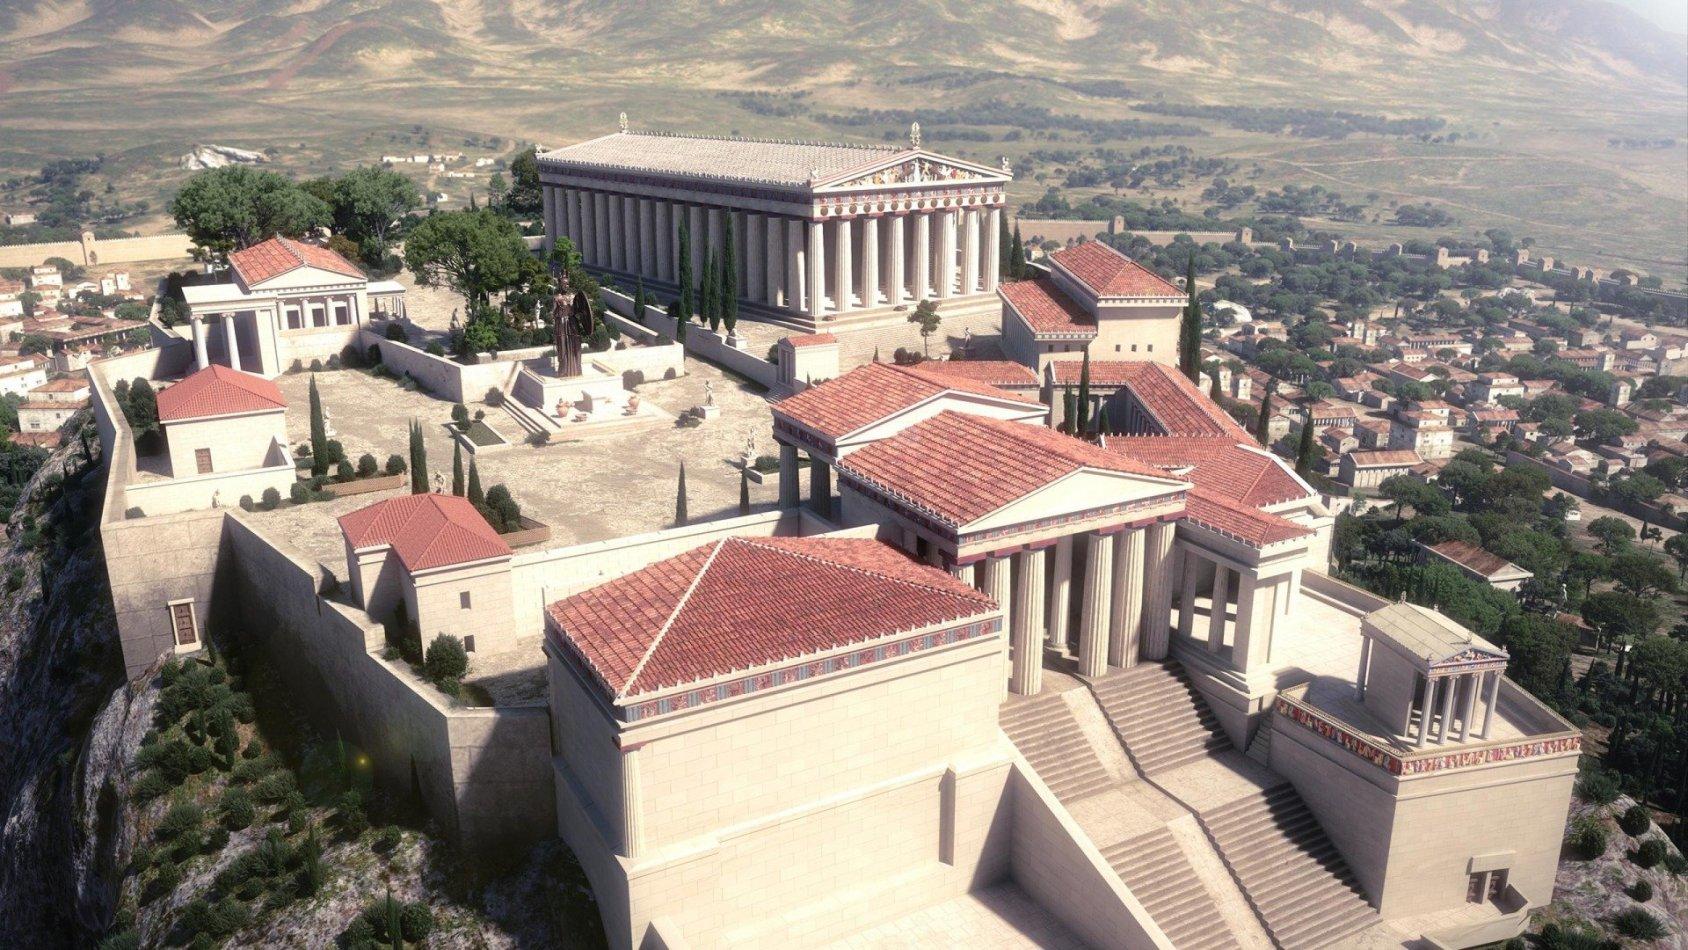 Megapolis: Avslöjanden från forntiden